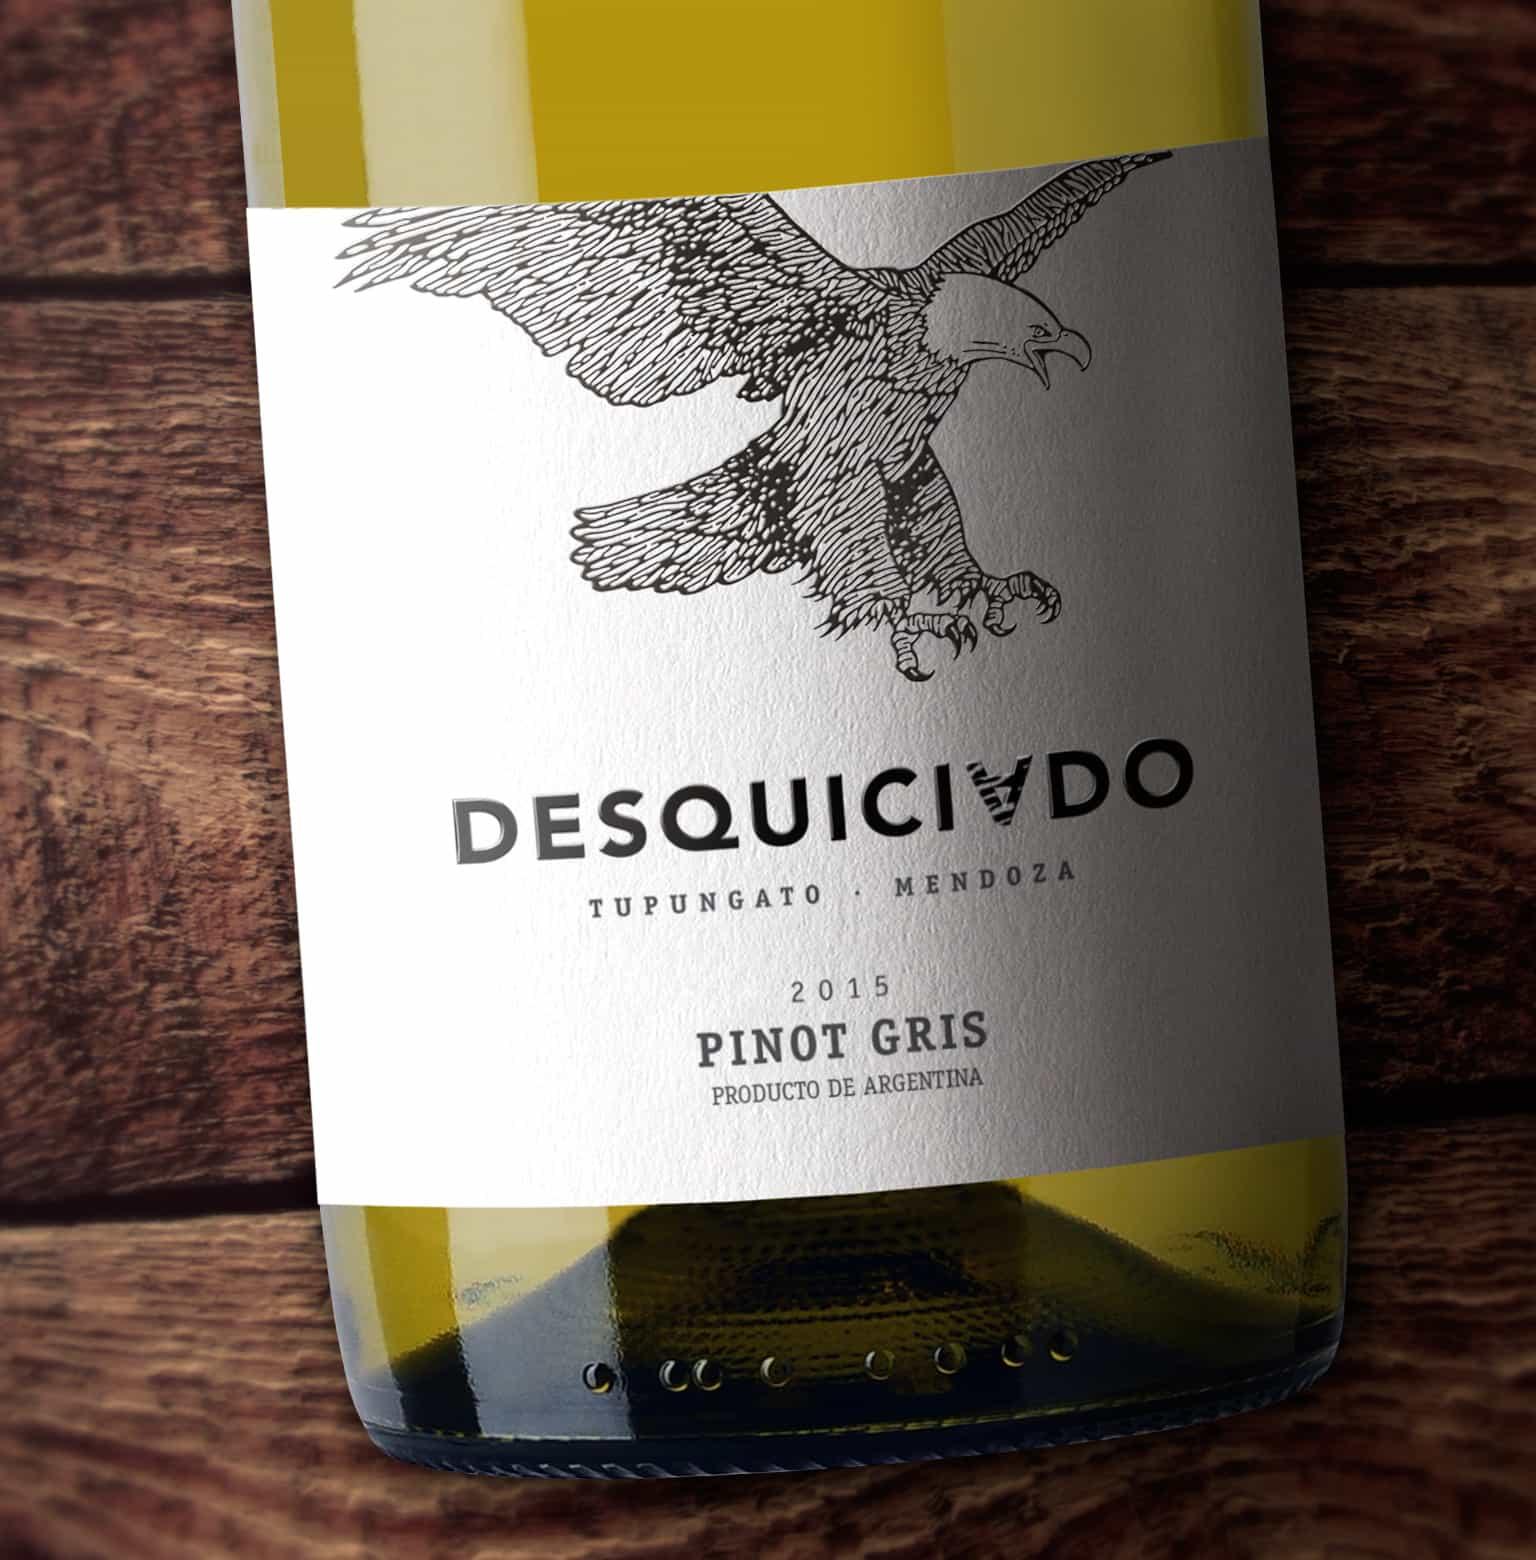 Desquiciado Pinot Gris Caliptra